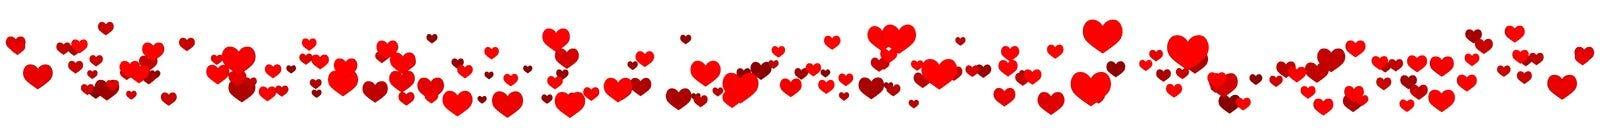 απομονωμένο καρδιές λευκό κορδελλών Στοκ Εικόνες